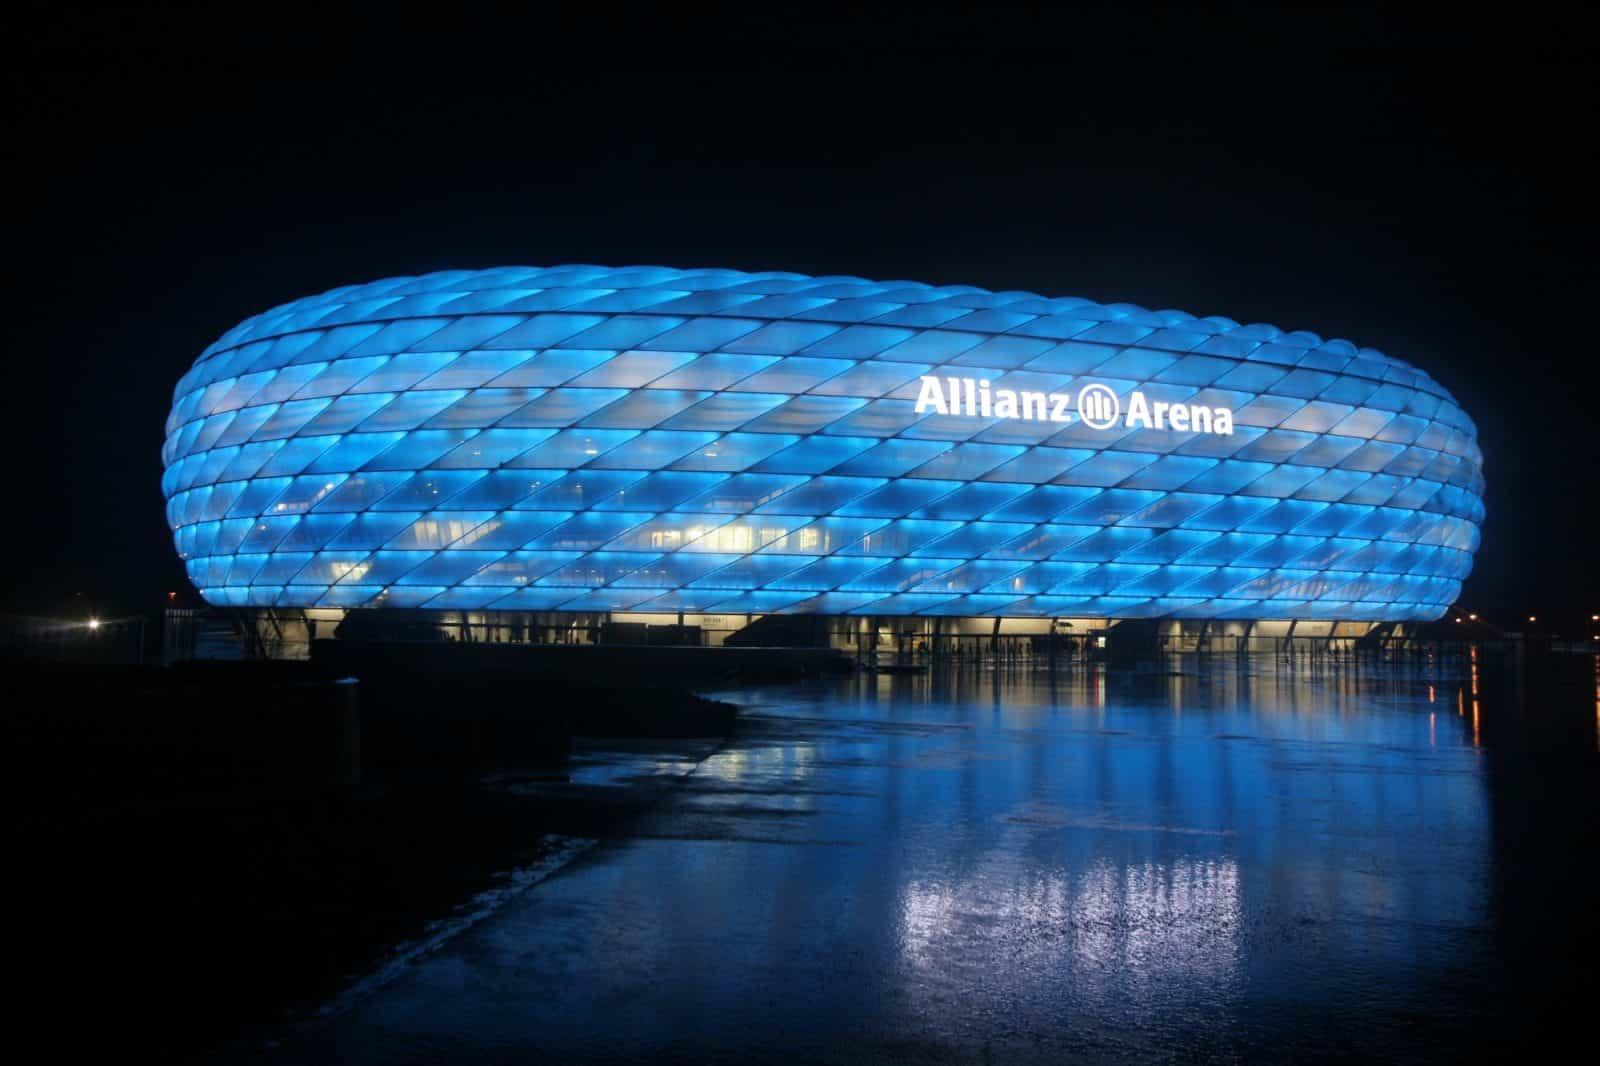 allianz arena at night munich1